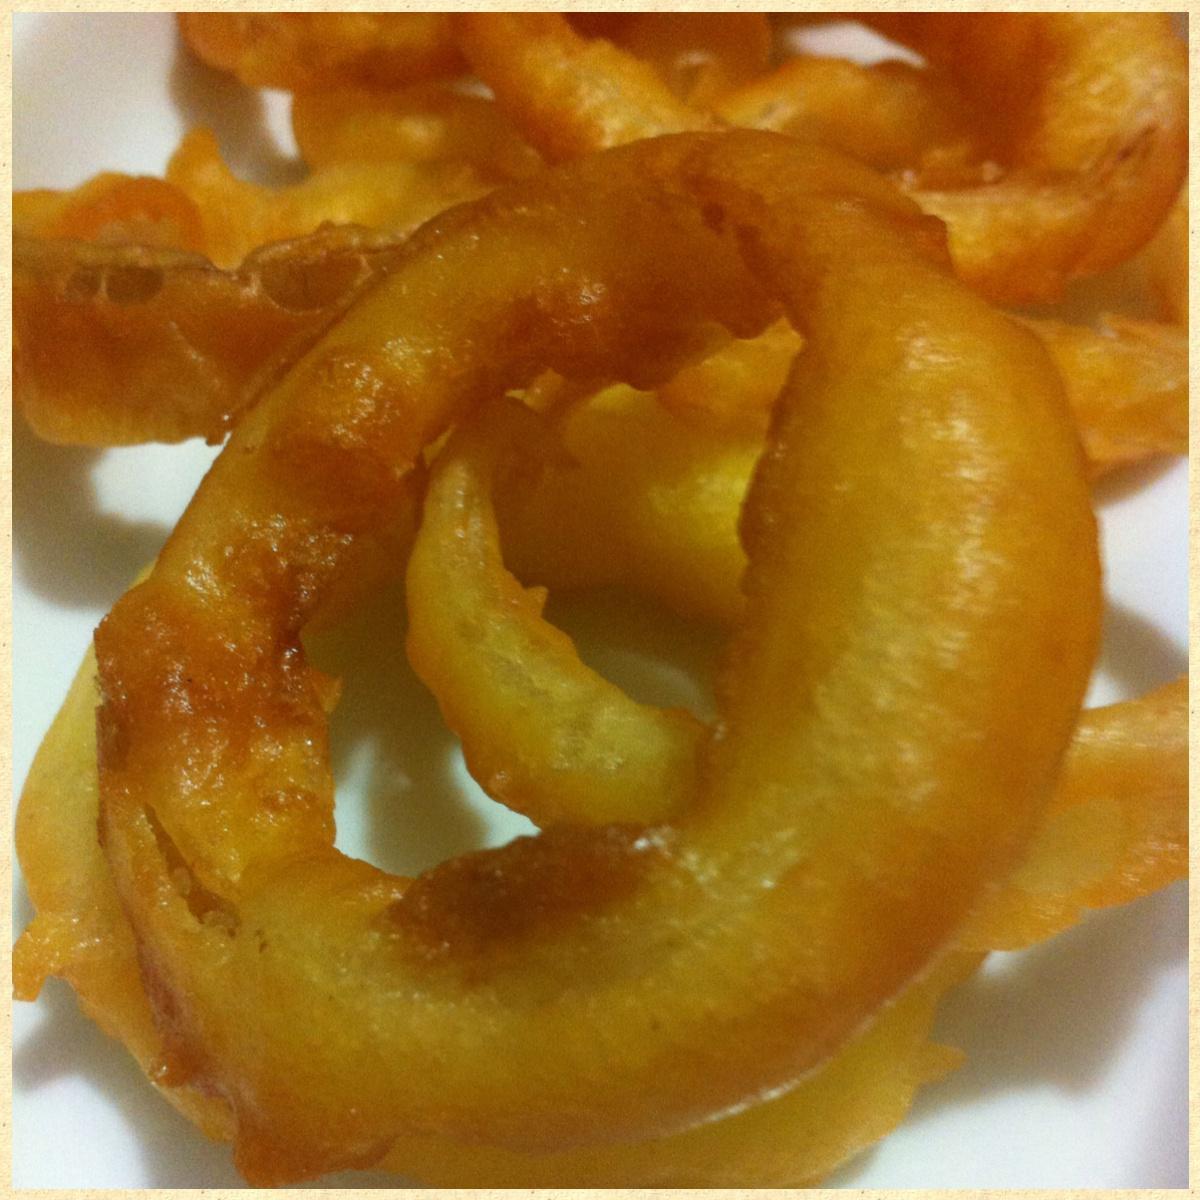 anelli-di-cipolla-fritti-2.JPG